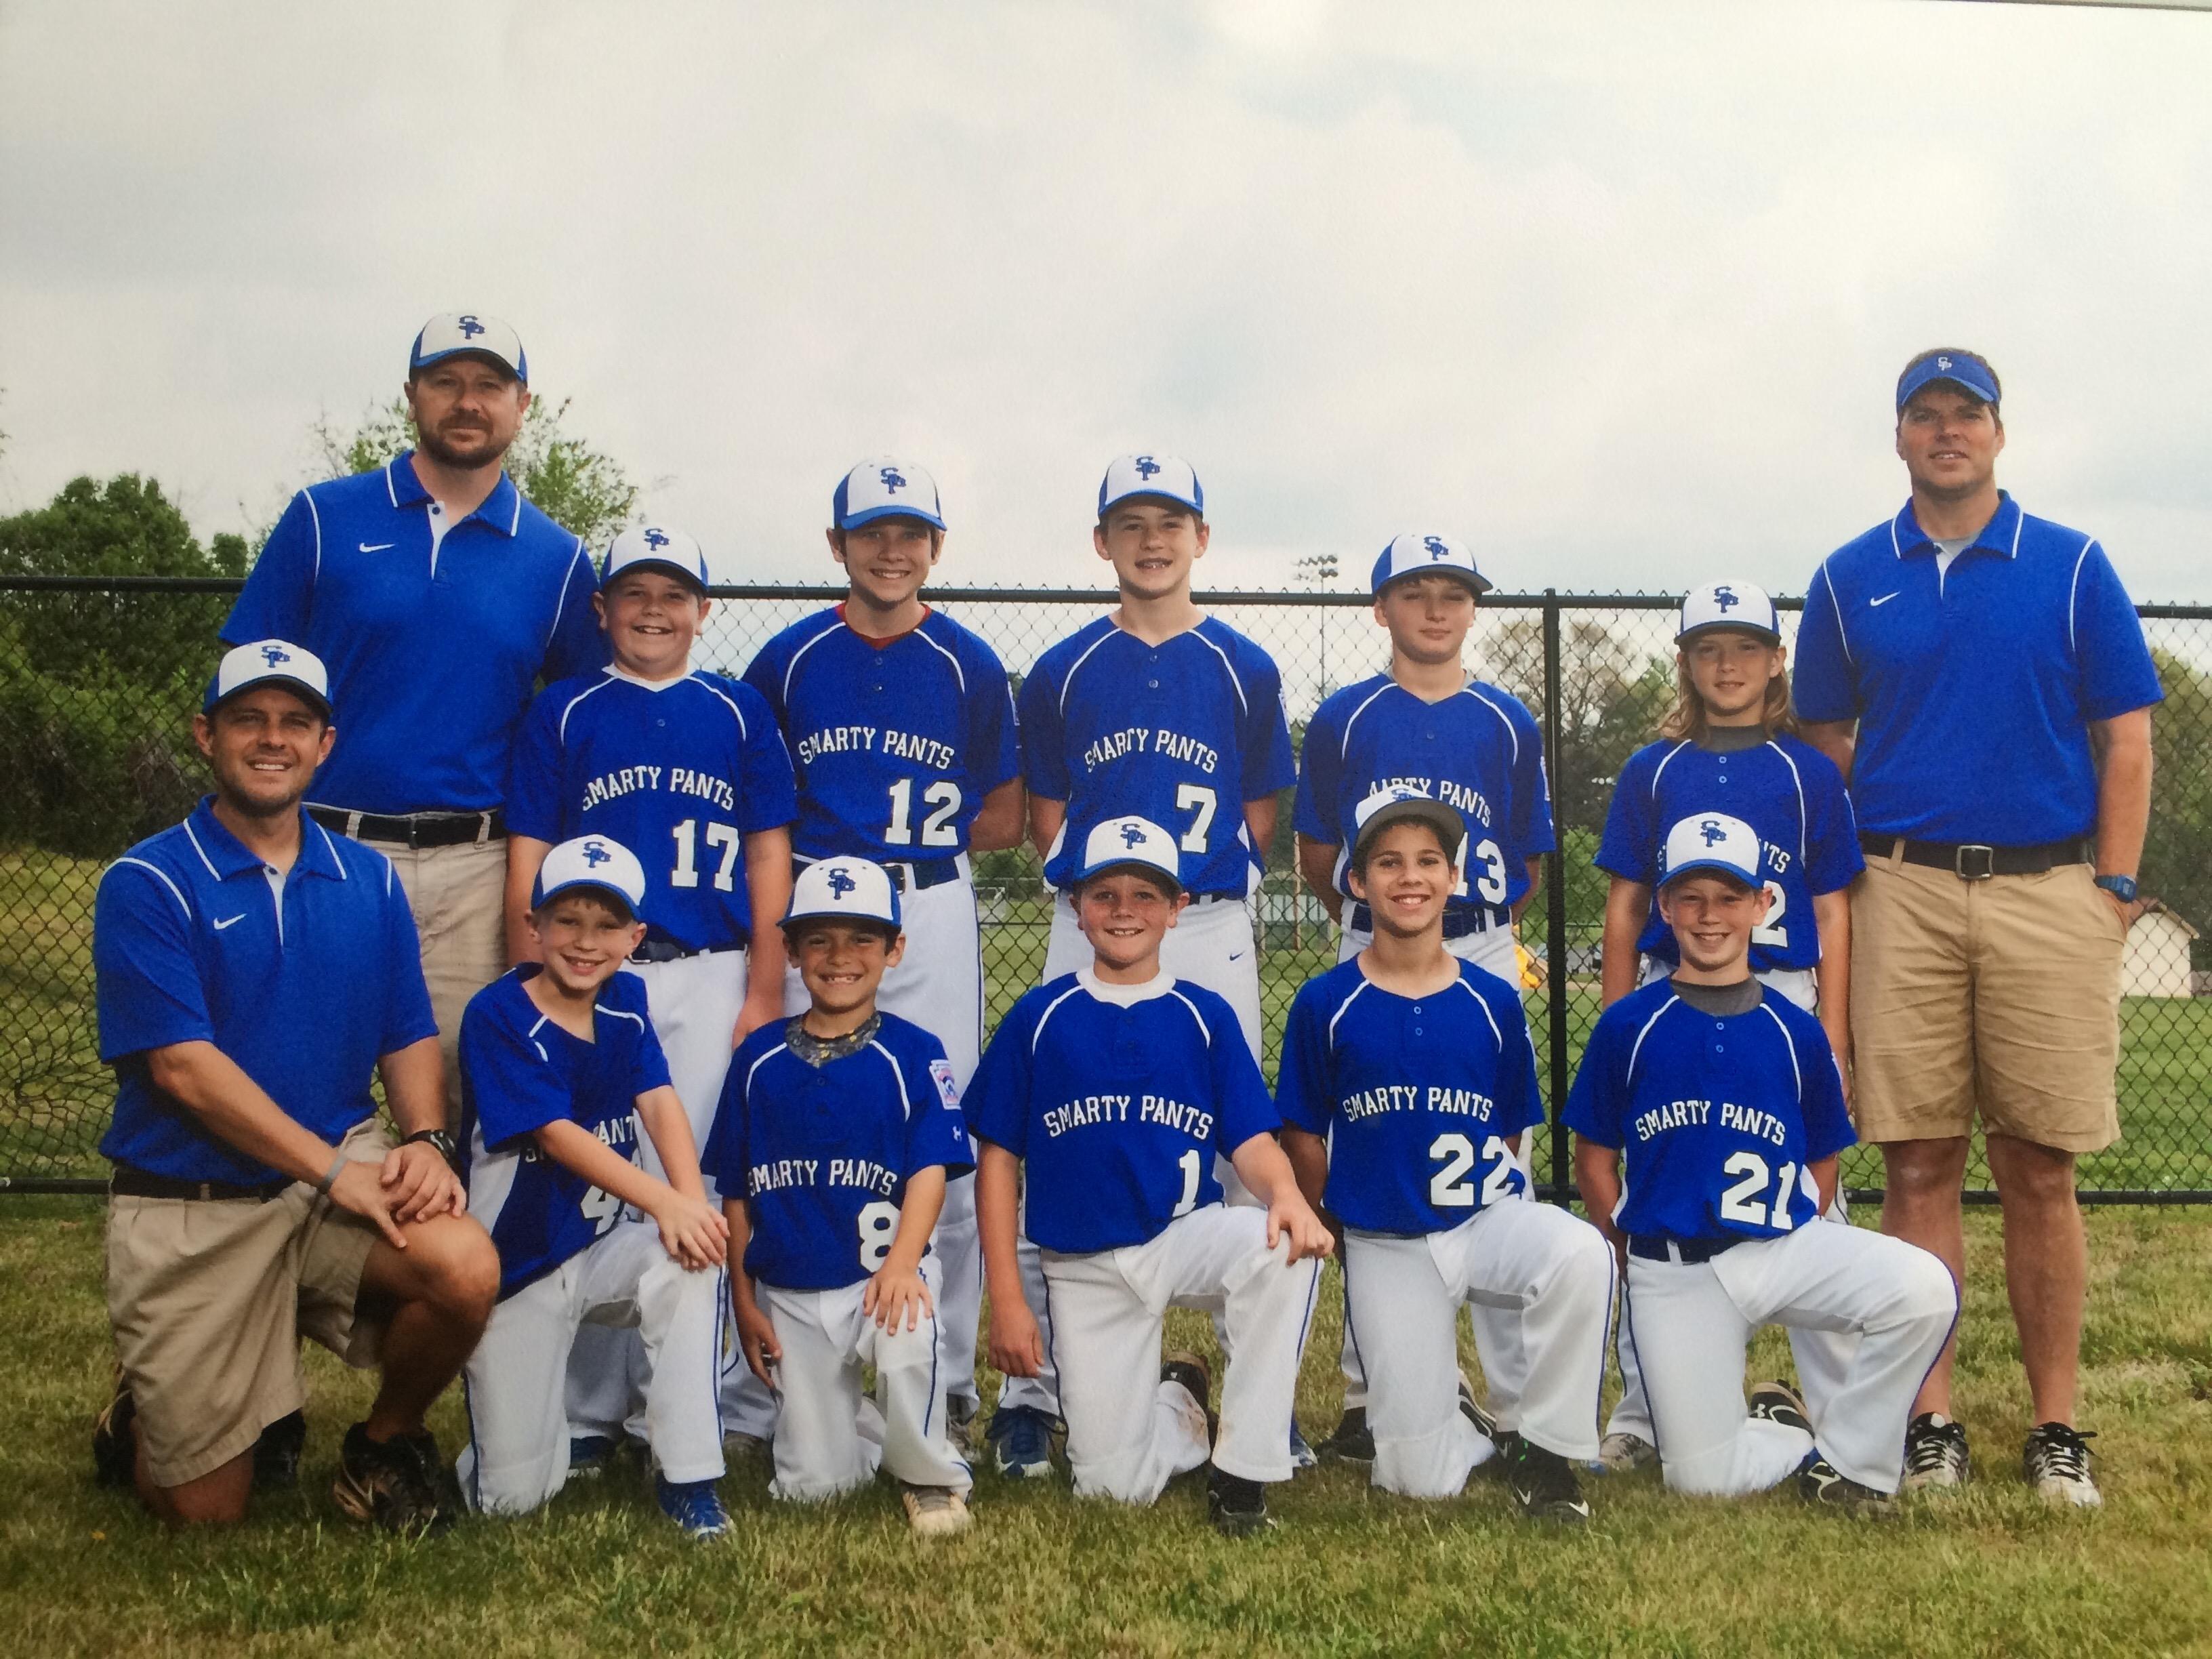 Smarty Pants 2016 Little League team picture